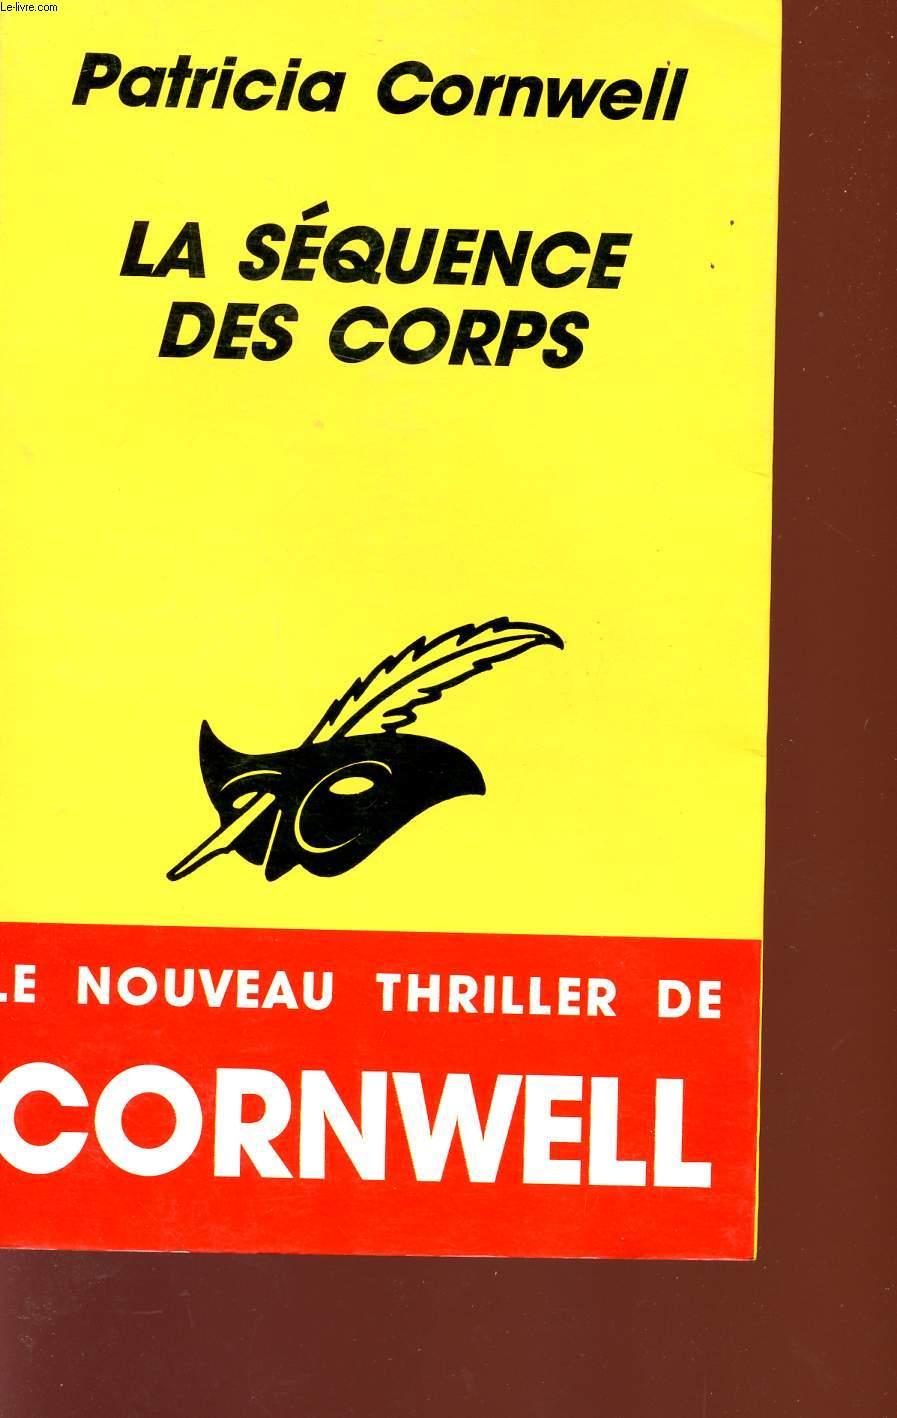 LA SEQUENCE DES CORPS - LE NOUVEAU THRILLER DE CORNWELL.